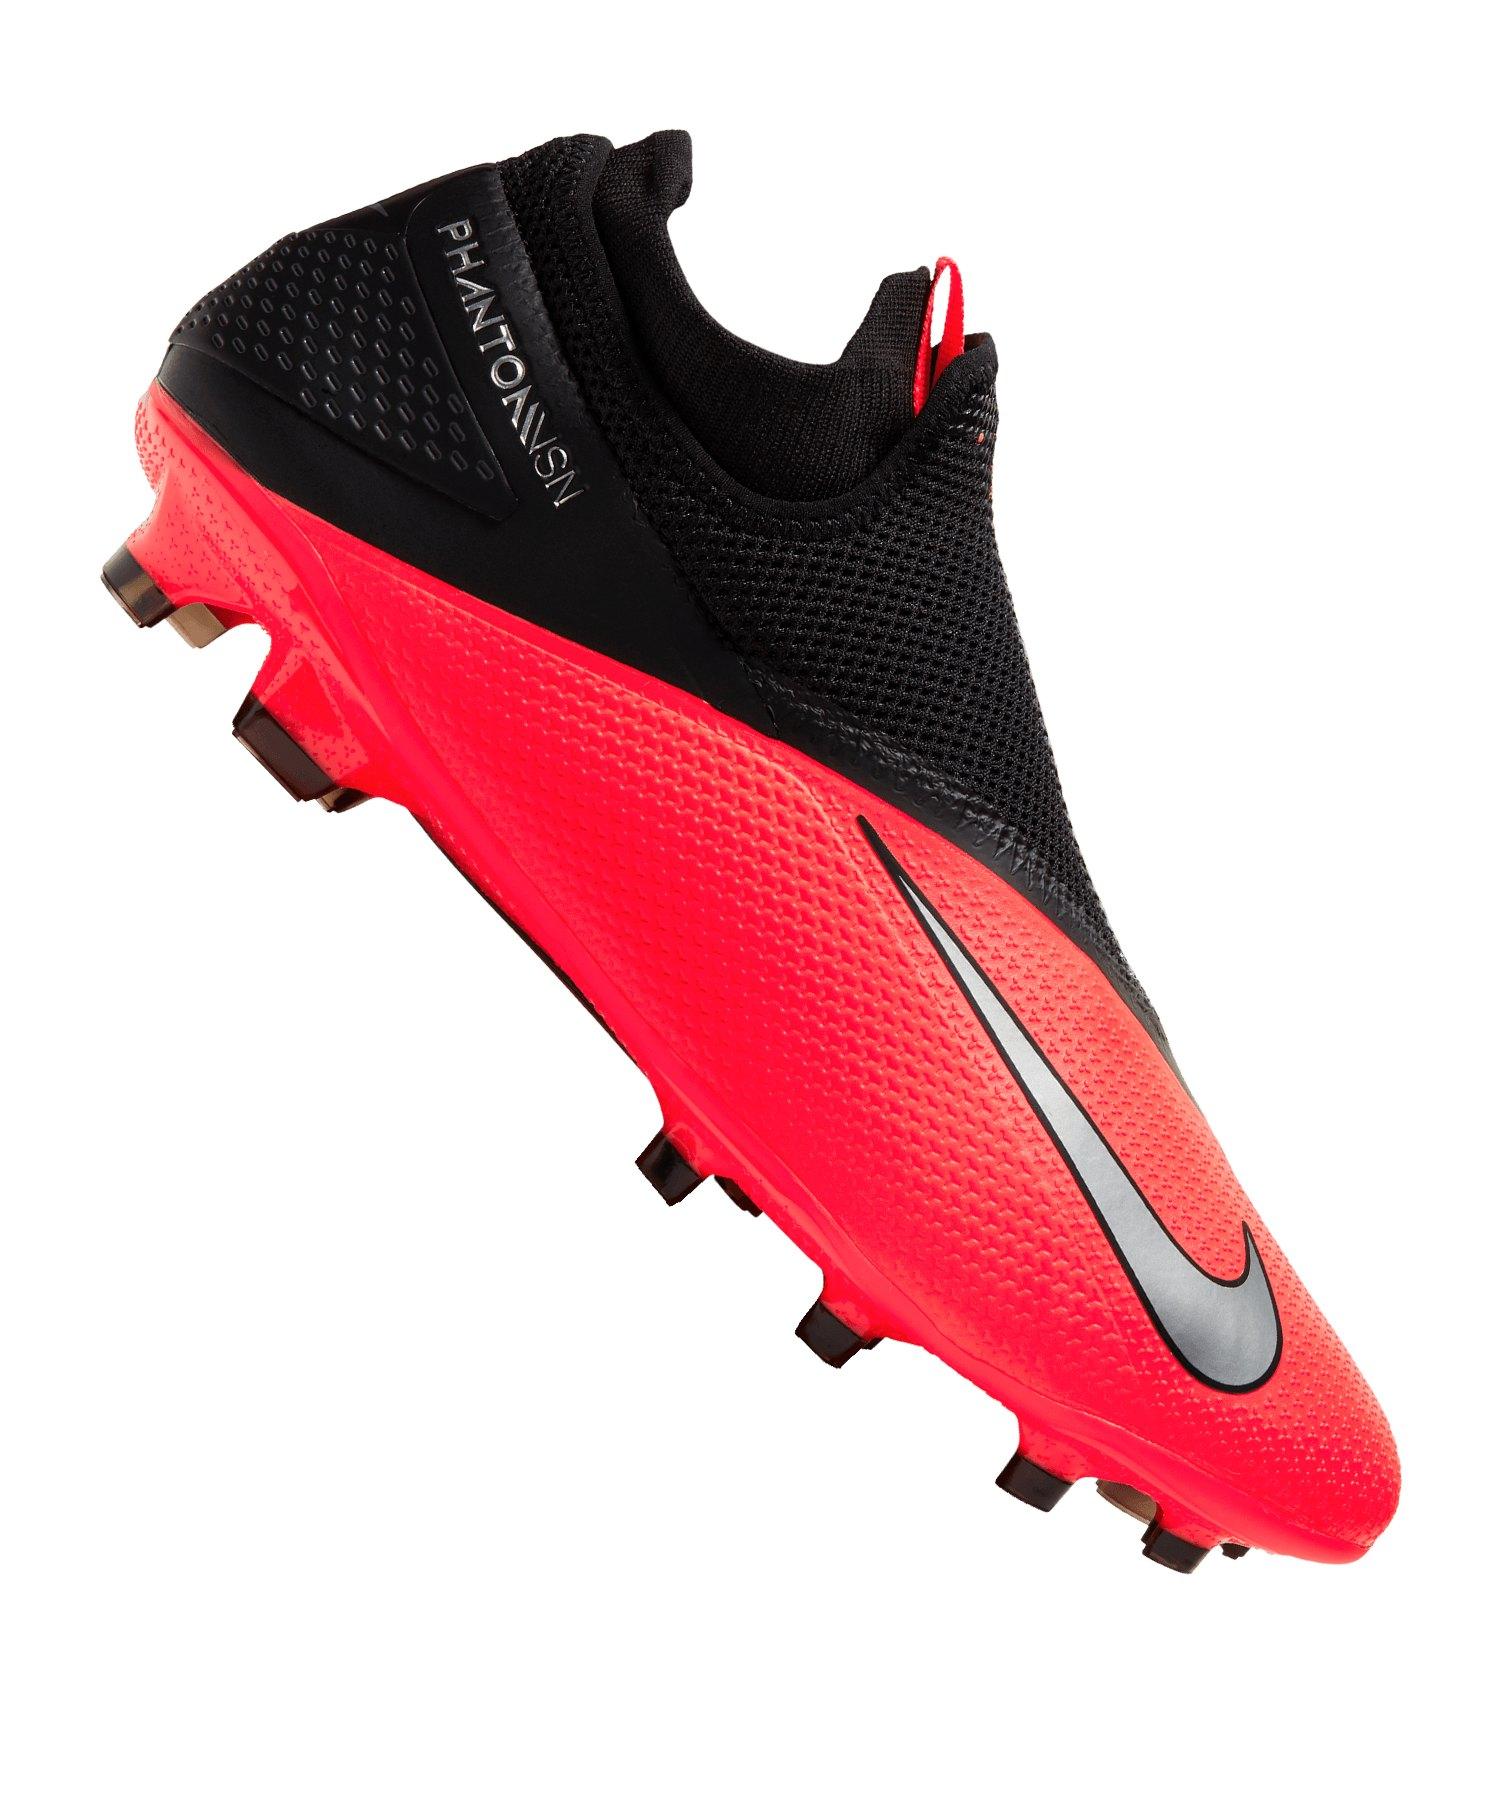 Nike Phantom Vision II Future Lab Pro FG Rot F606 - rot